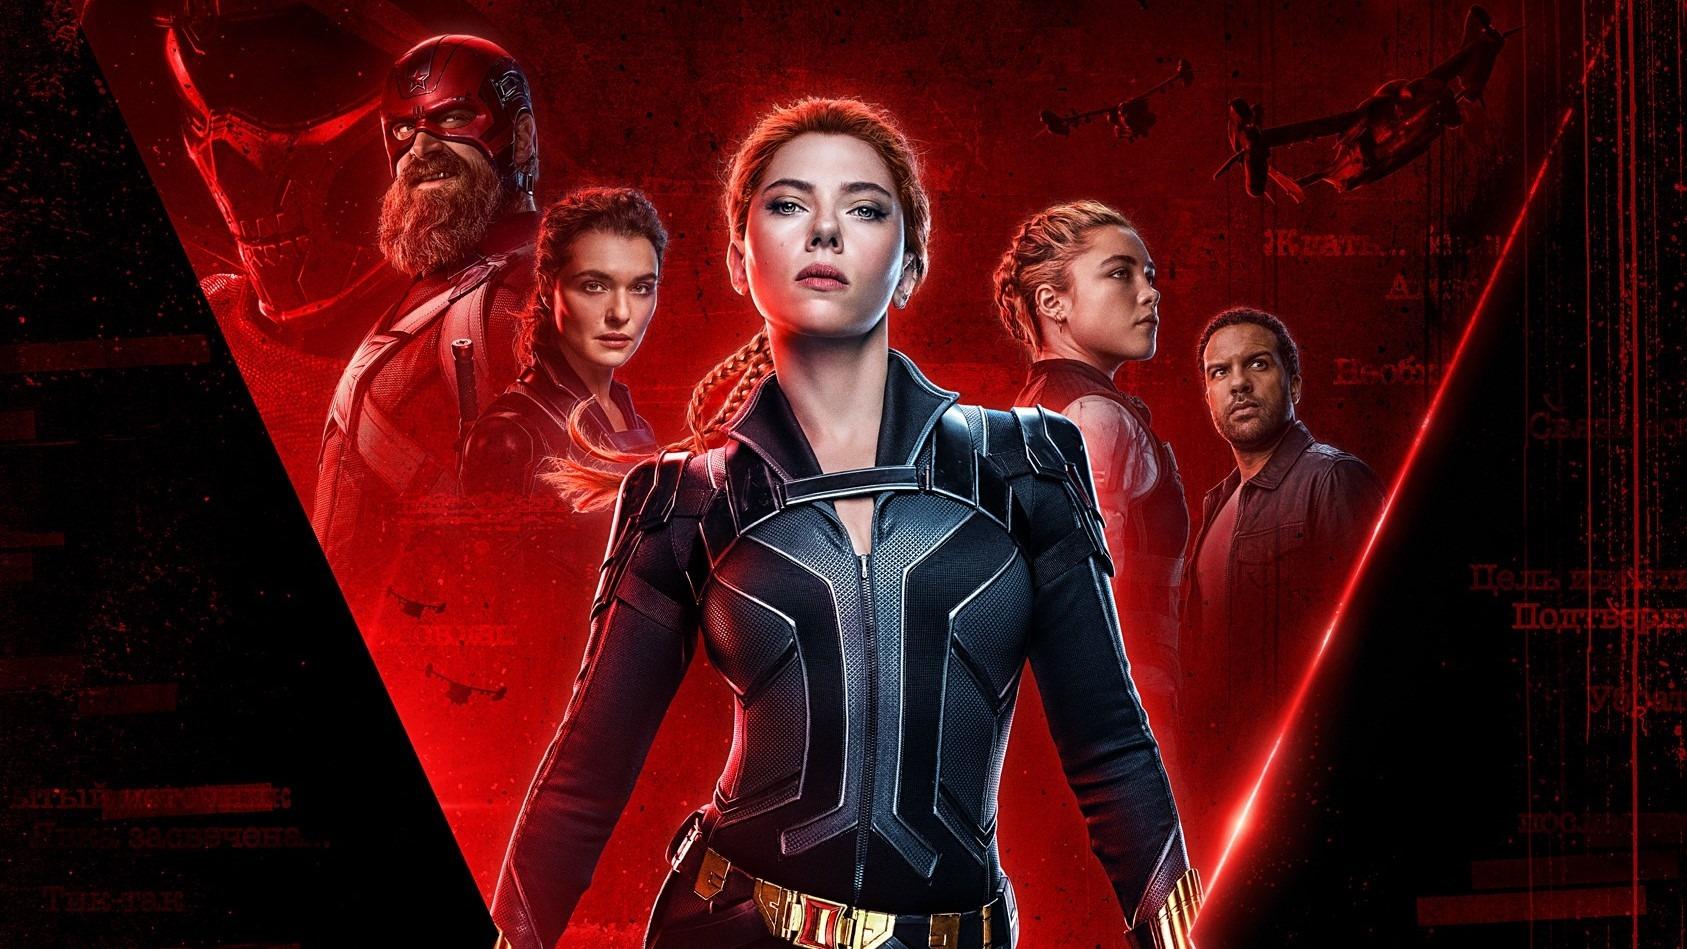 Cinéma : 2020 est la première année depuis 11 ans sans film Marvel